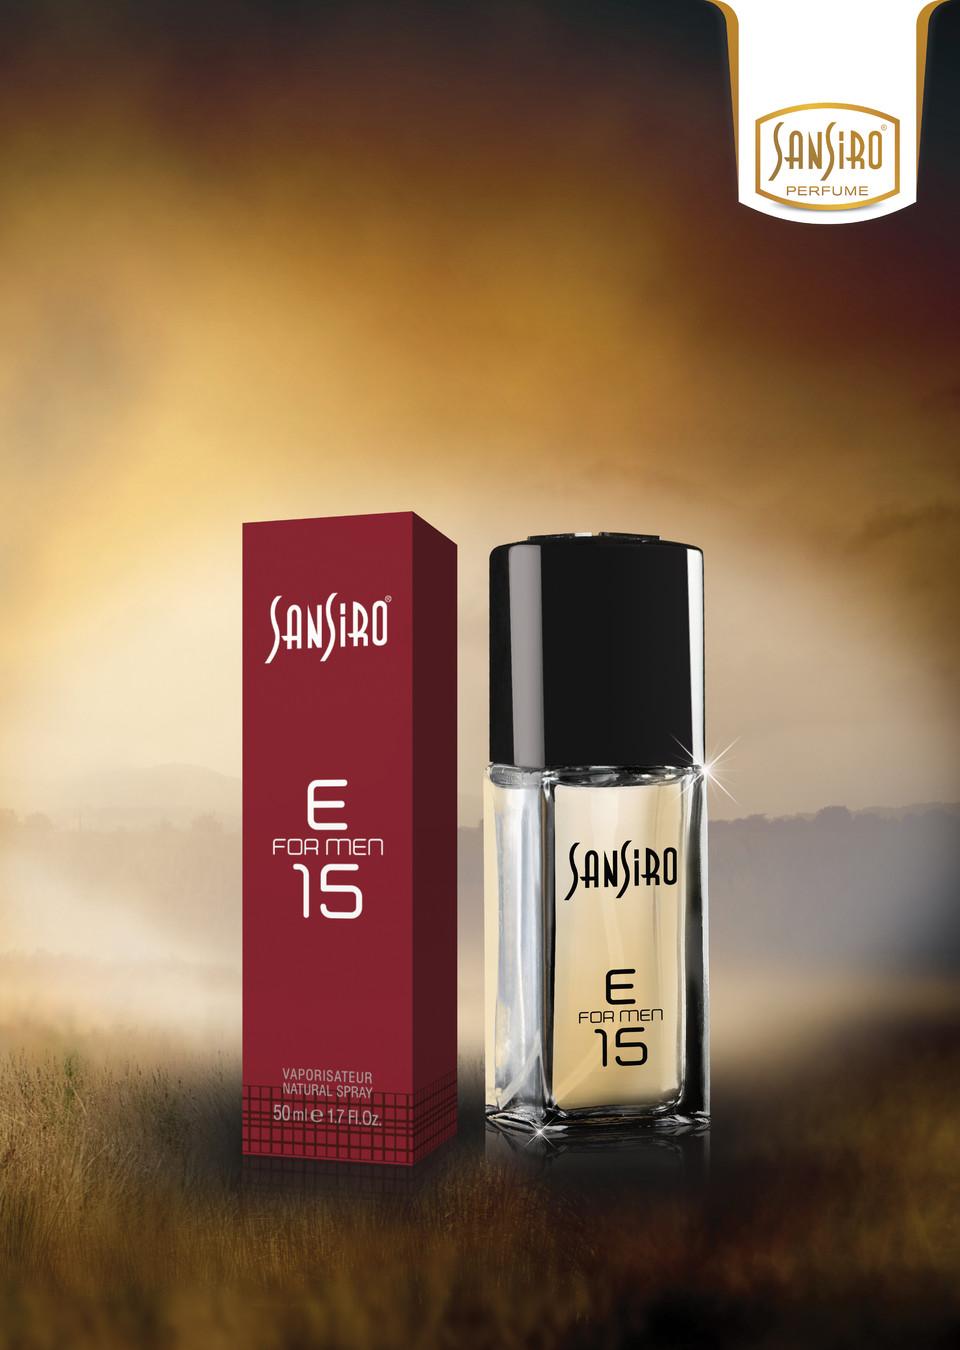 Sansiro Perfume - For Men - Berry Man (E15)